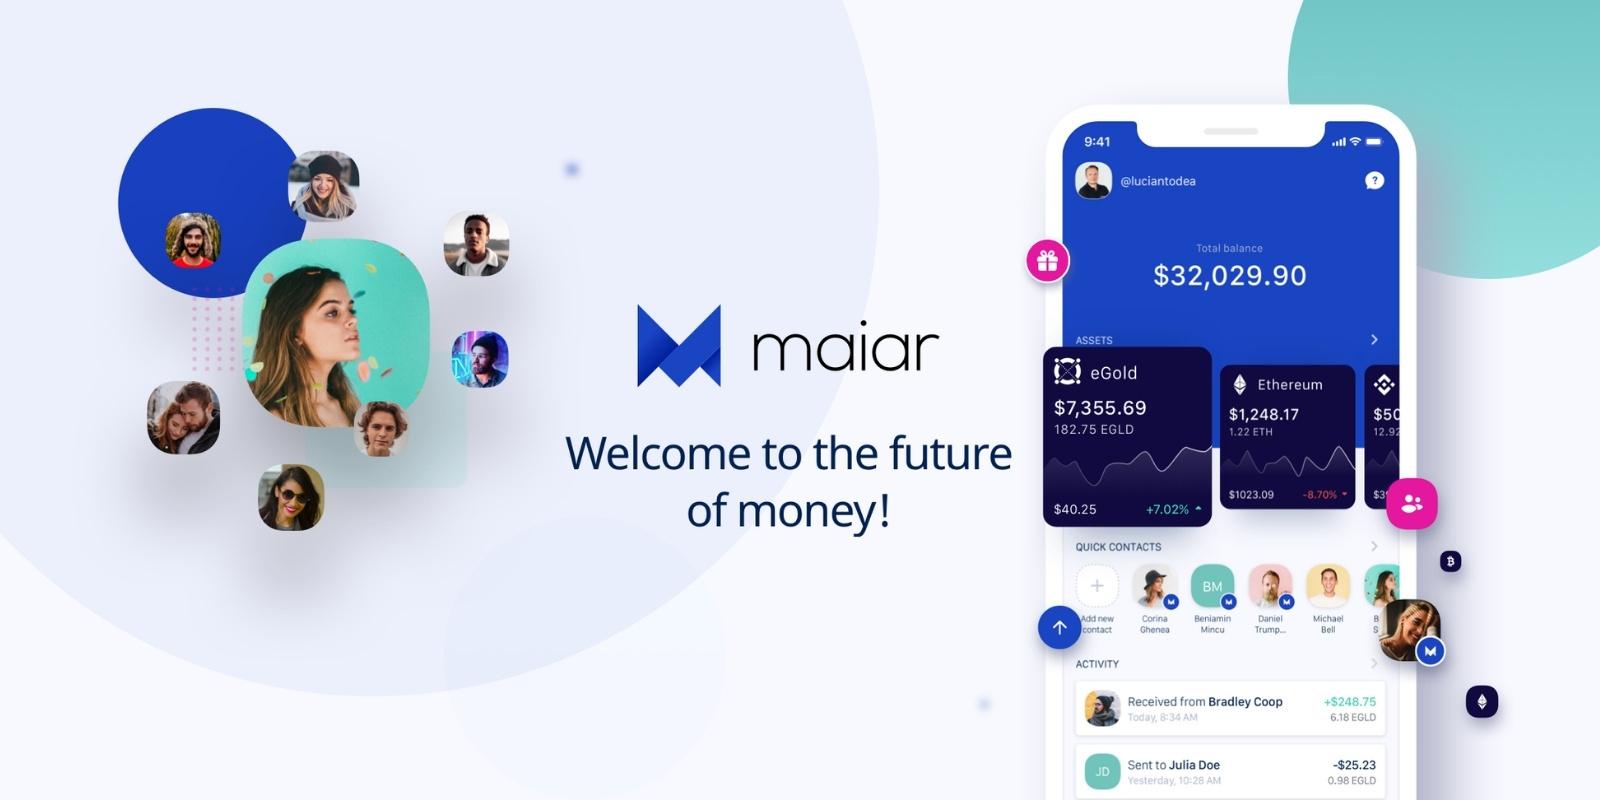 Elrond (EGLD) annonce le lancement officiel de l'application Maiar